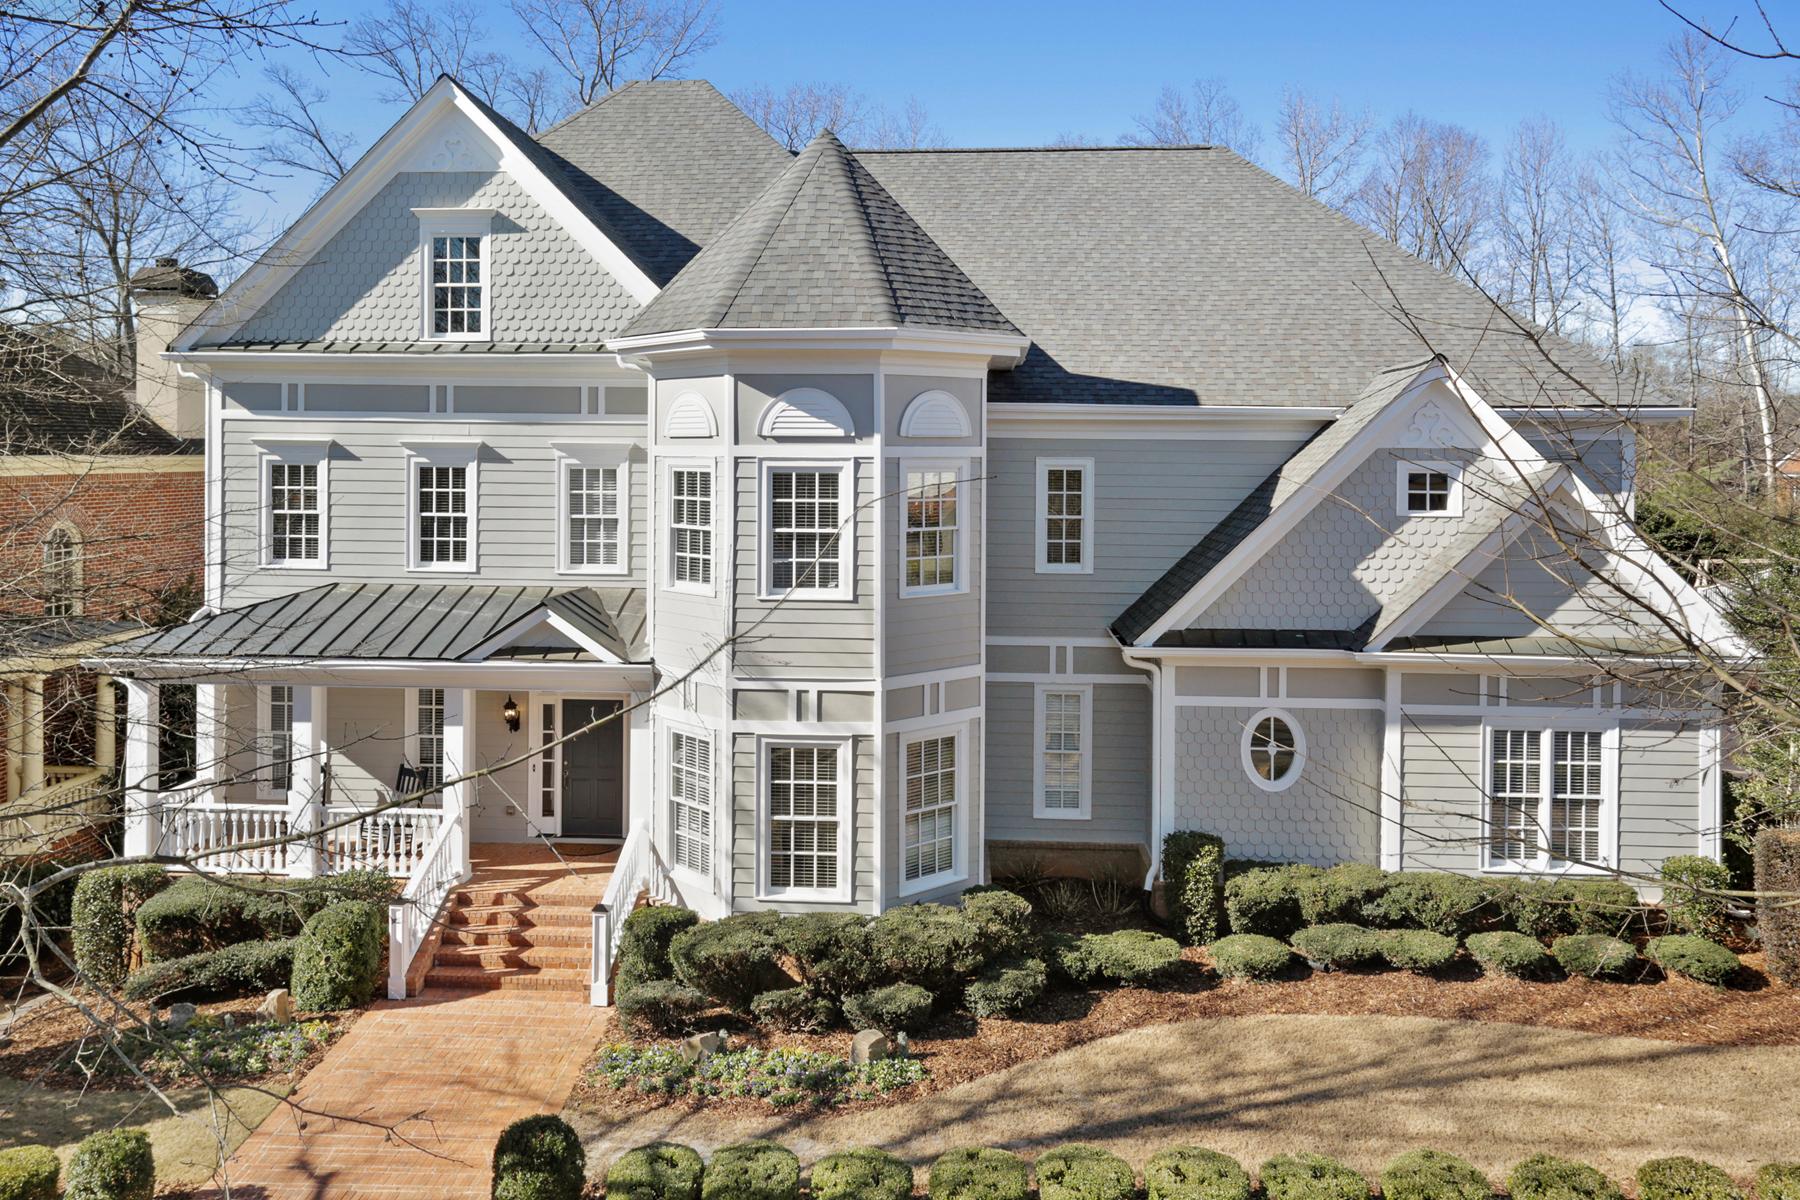 Частный односемейный дом для того Продажа на Cape Cod Home In Ellard 8111 Lawnview Alpharetta, Джорджия 30022 Соединенные Штаты